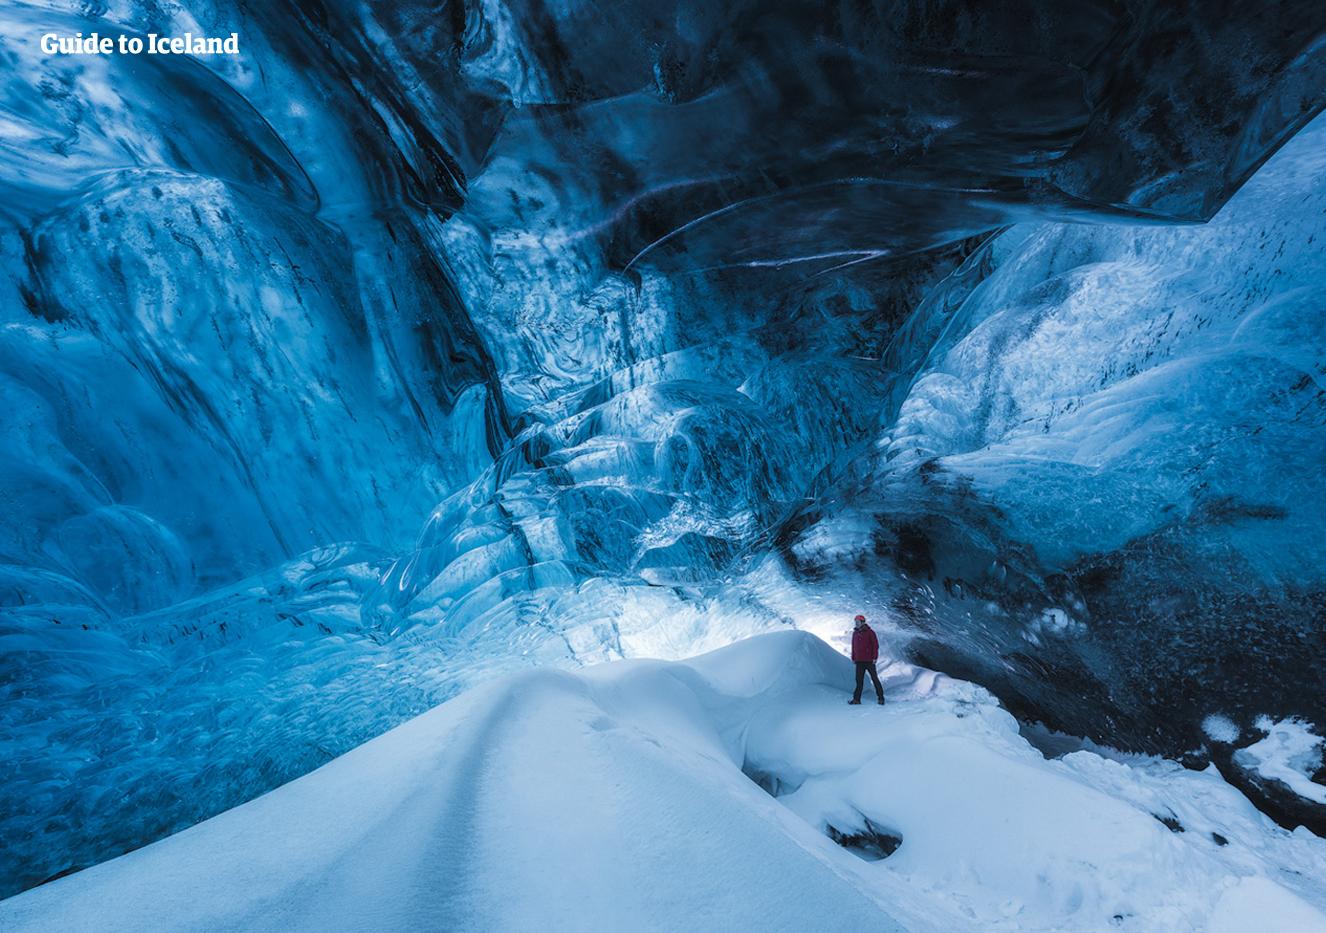 Die Eishöhlen unter dem Gletscher Vatnajökull sind so unbeschreiblich schön, dass sie eher einem Fantasyroman zu entspringen scheinen als der realen Welt.